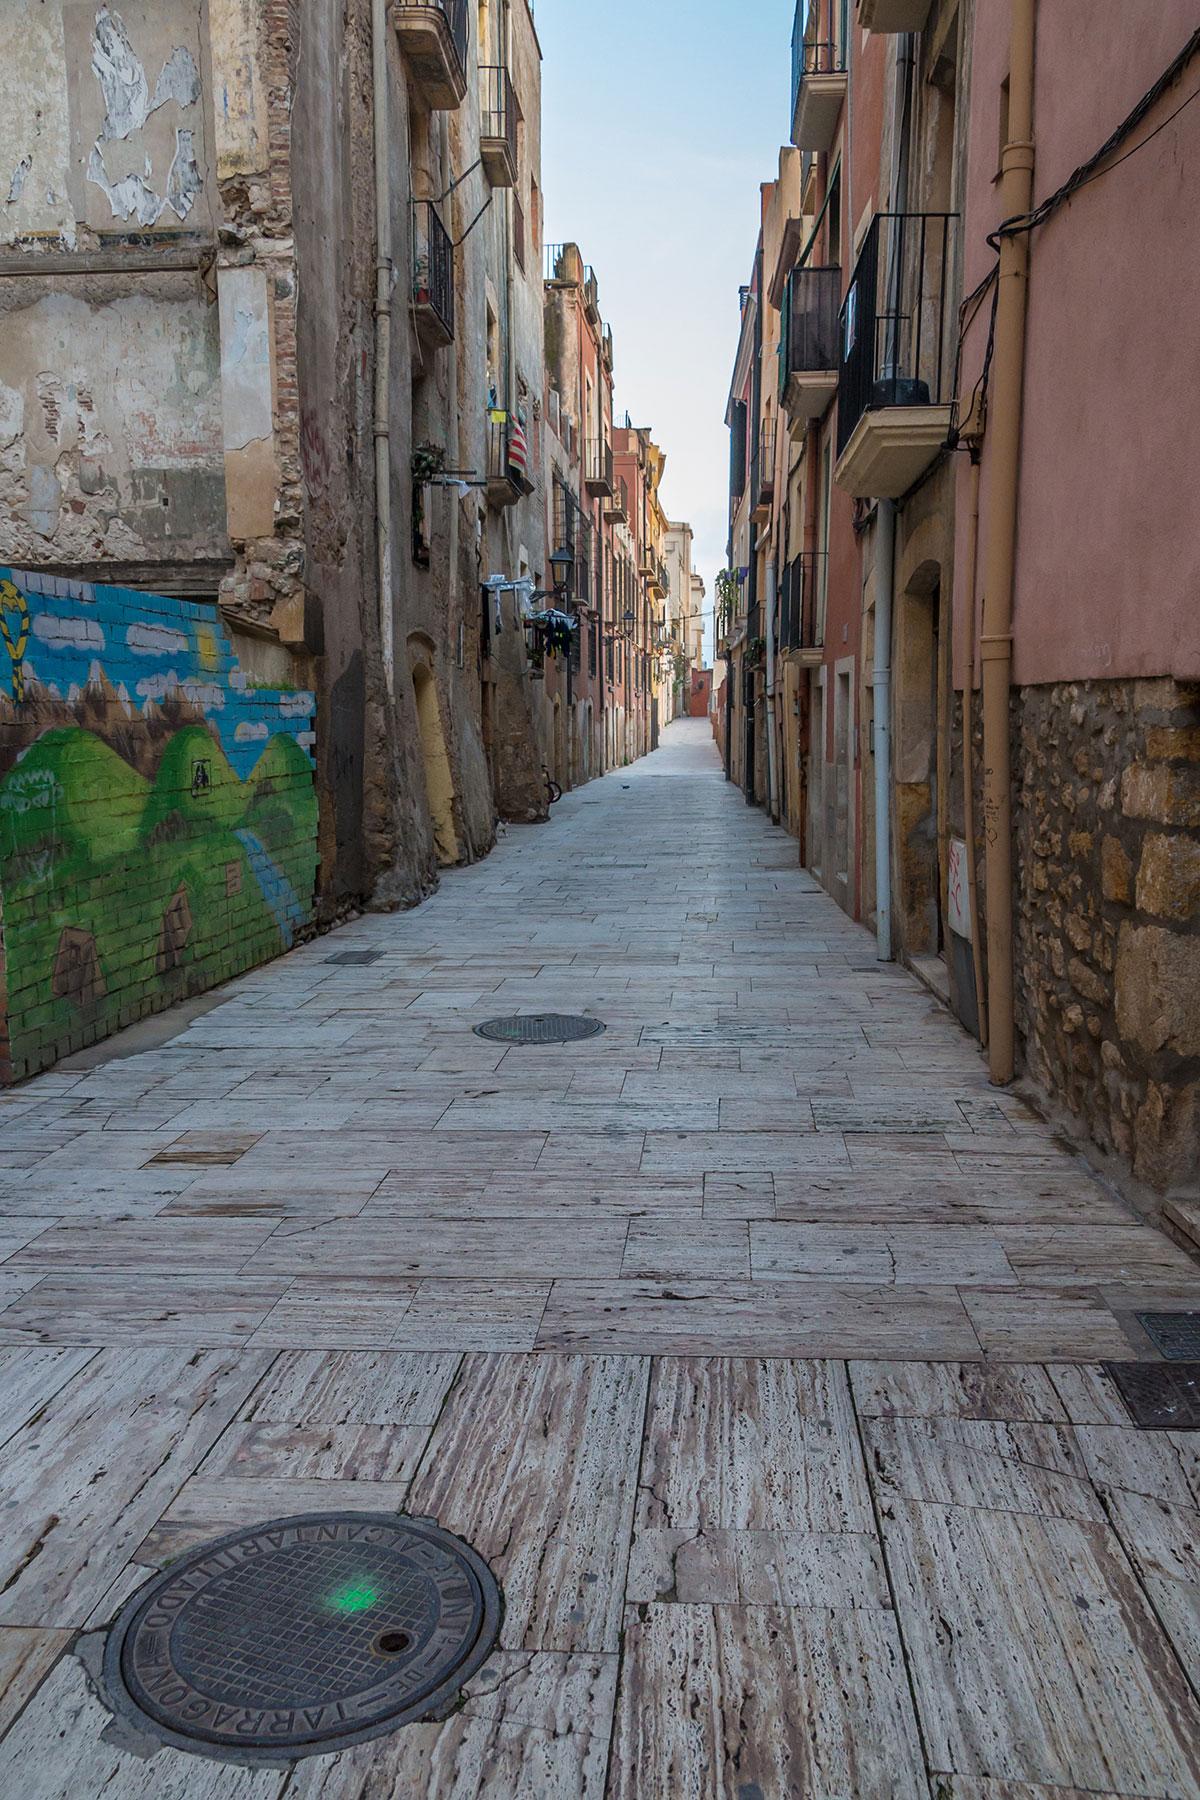 Spanien, Katalonien, Tarragona, Gasse mit Sieldeckel